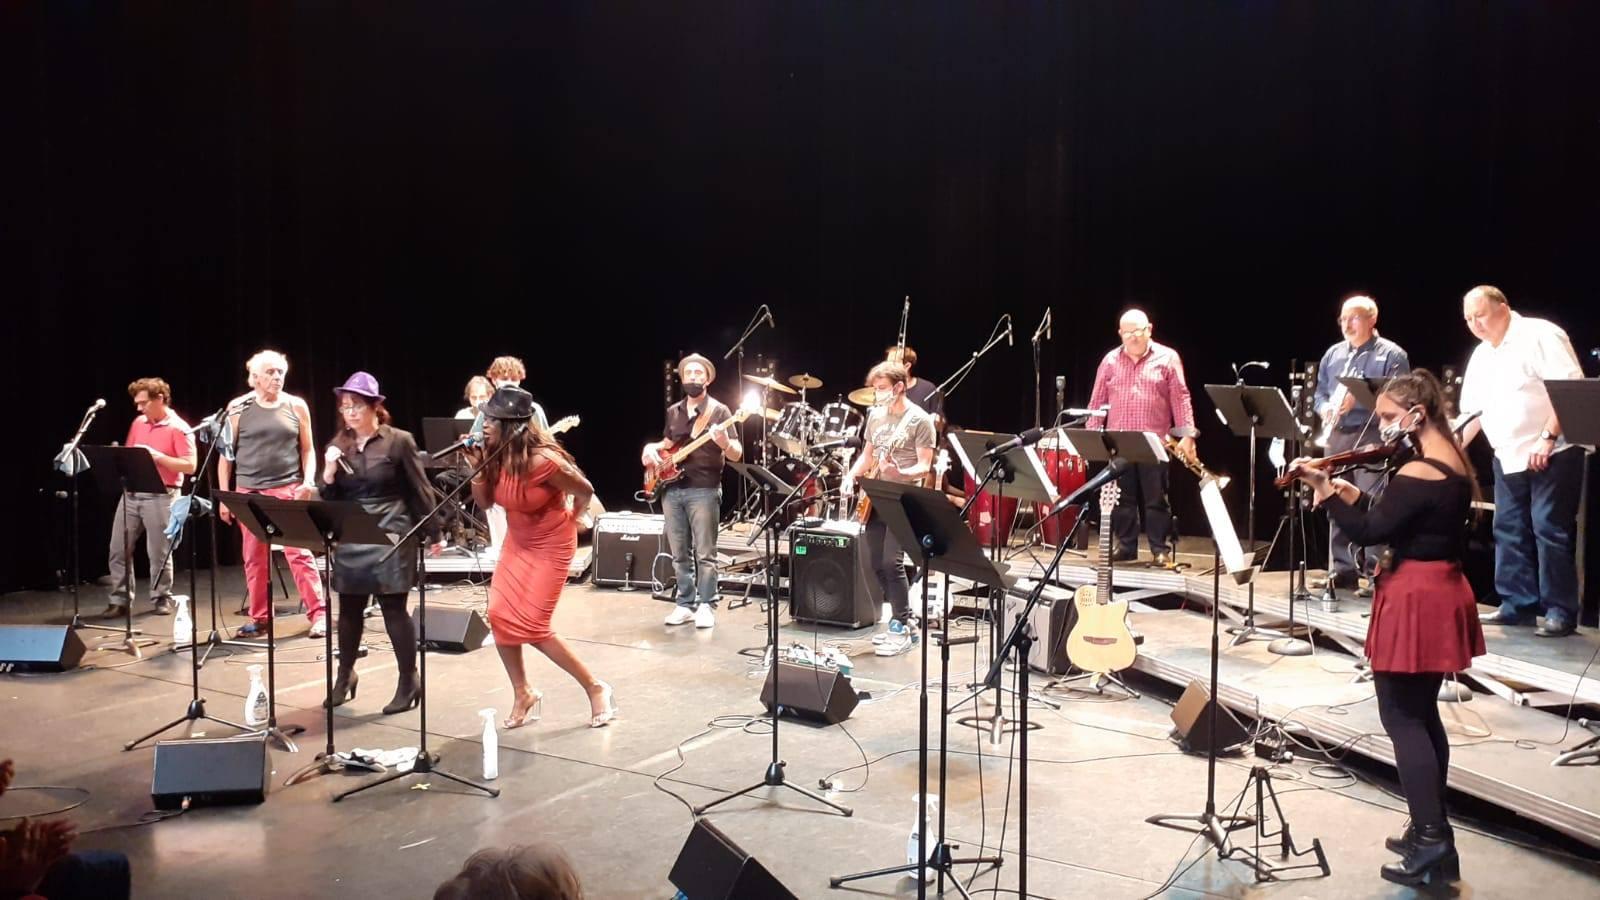 Samedi 17 octobre 2020 a eu lieu l'ouverture de la saison musicale